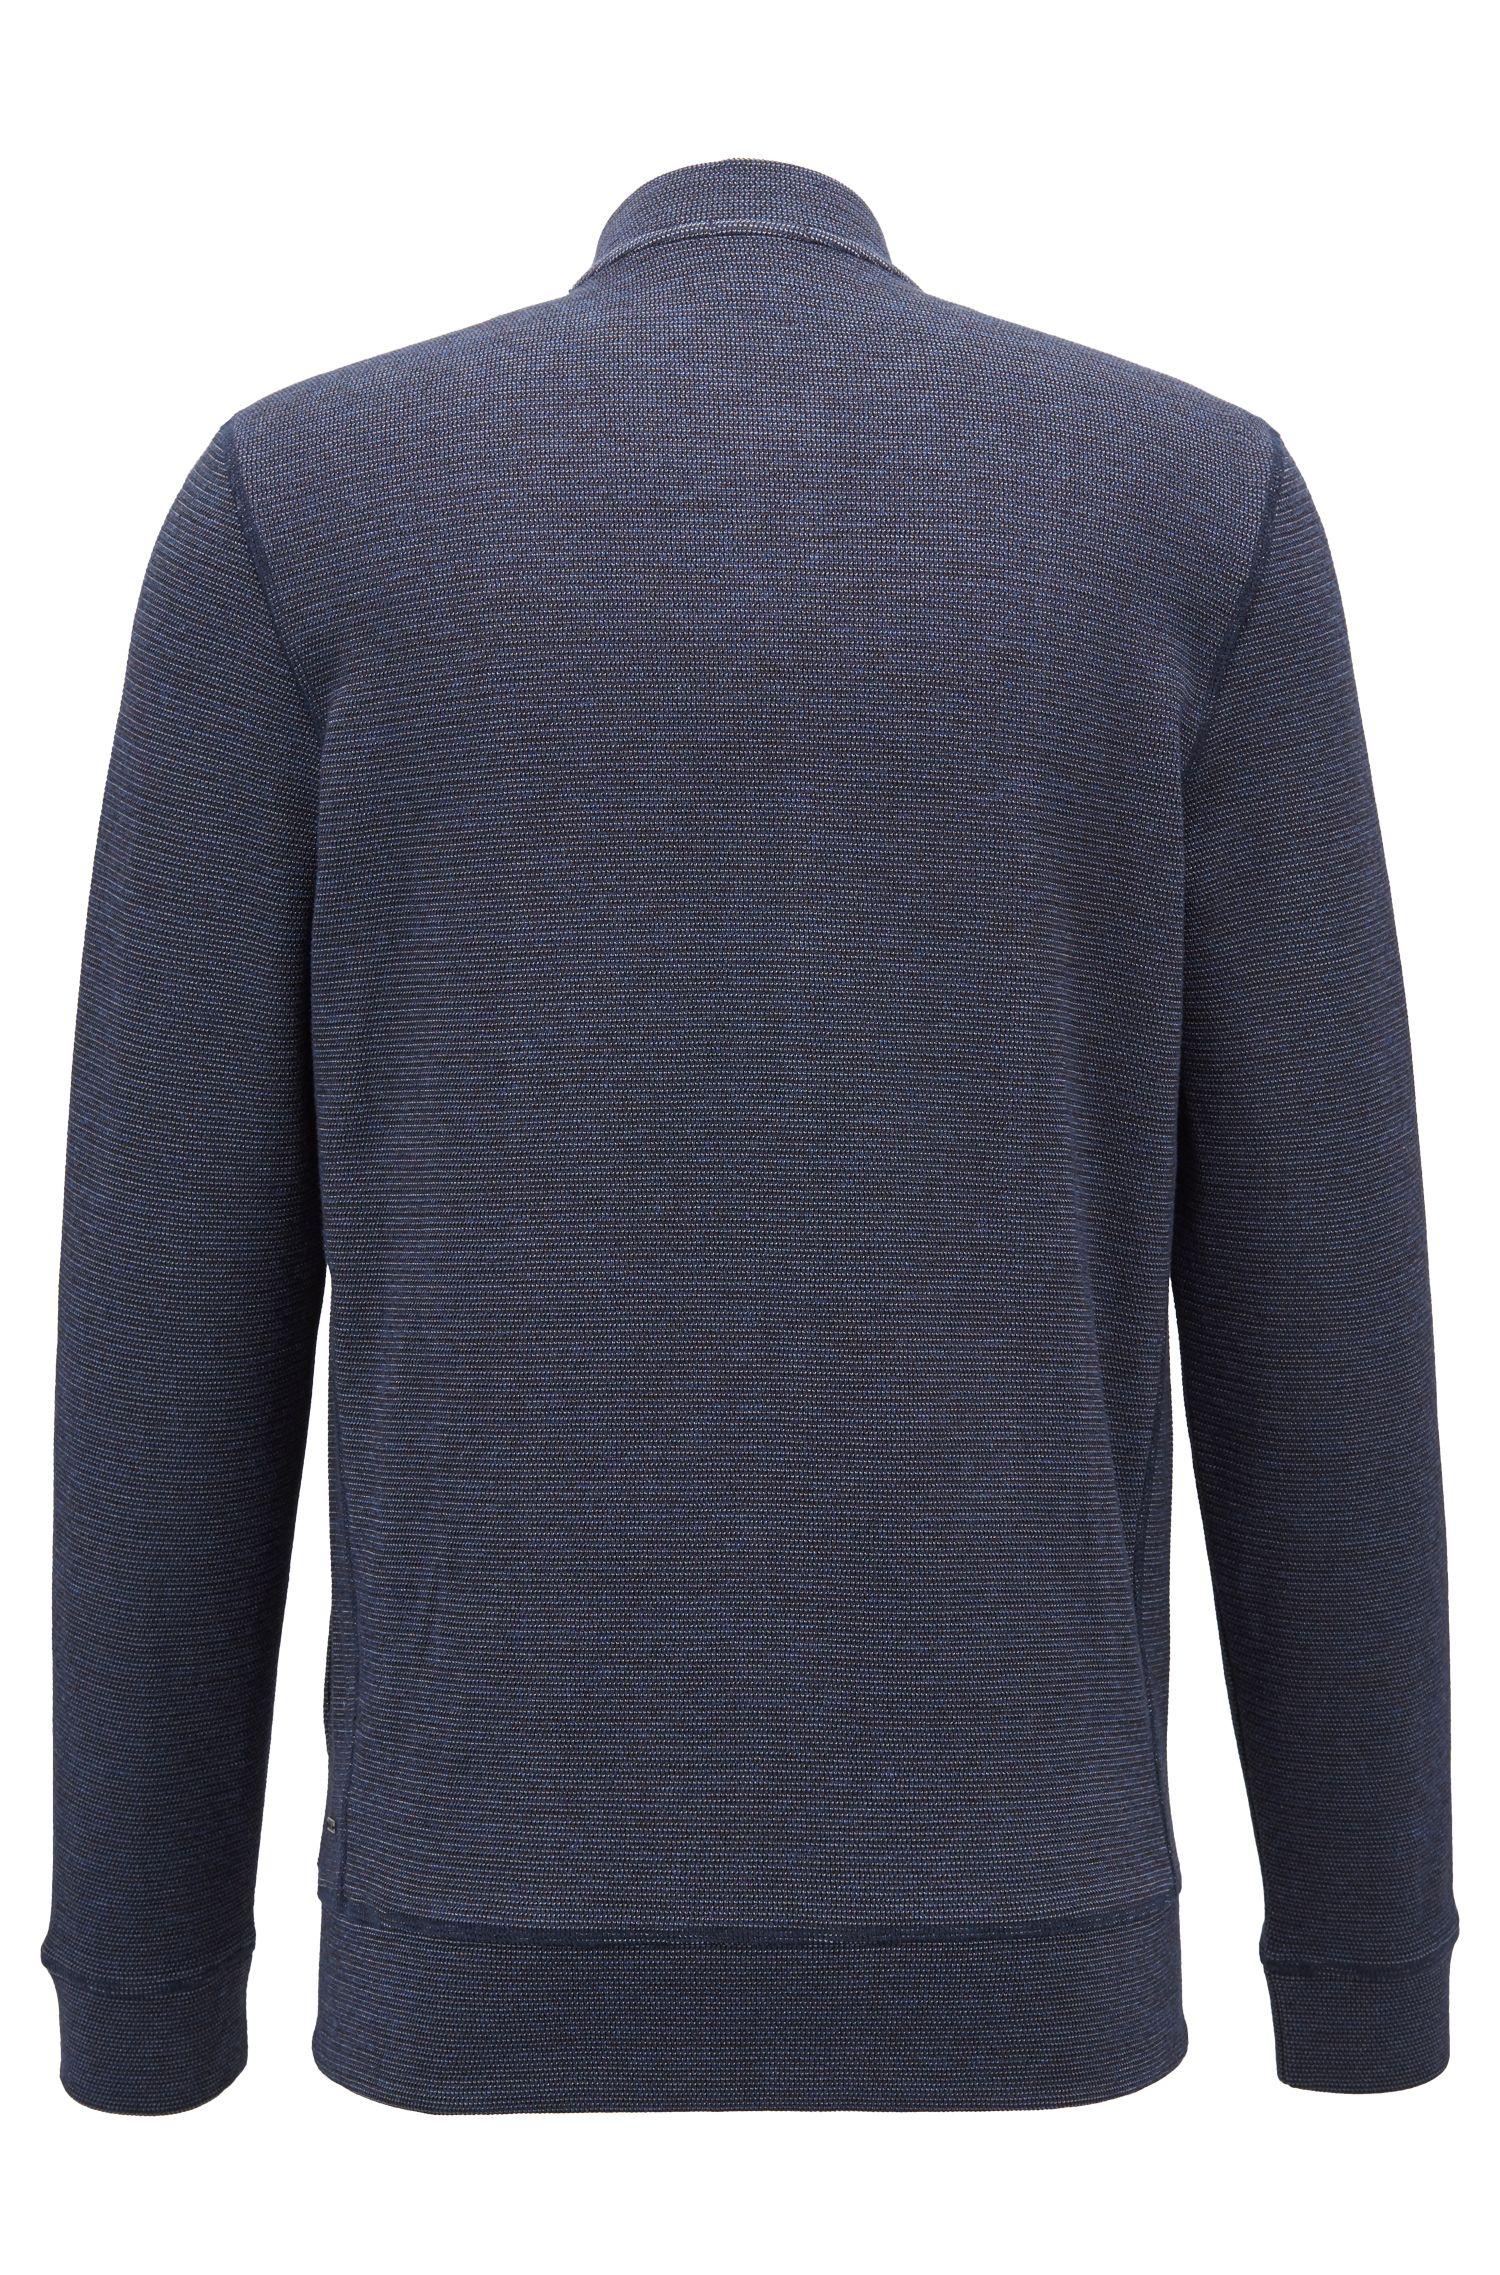 Sweat zippé en coton mélangé avec col teddy, Bleu foncé